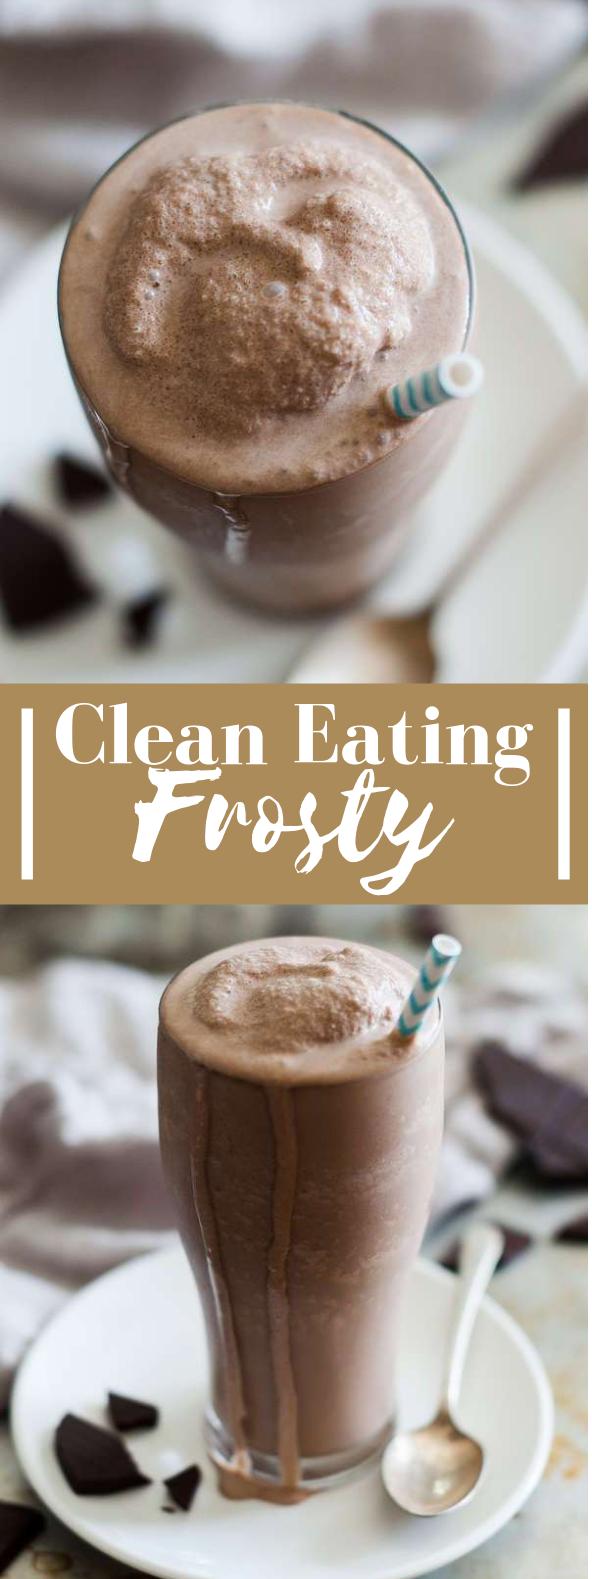 Copycat Paleo Frosty Recipe #healthydrink #veganrecipe